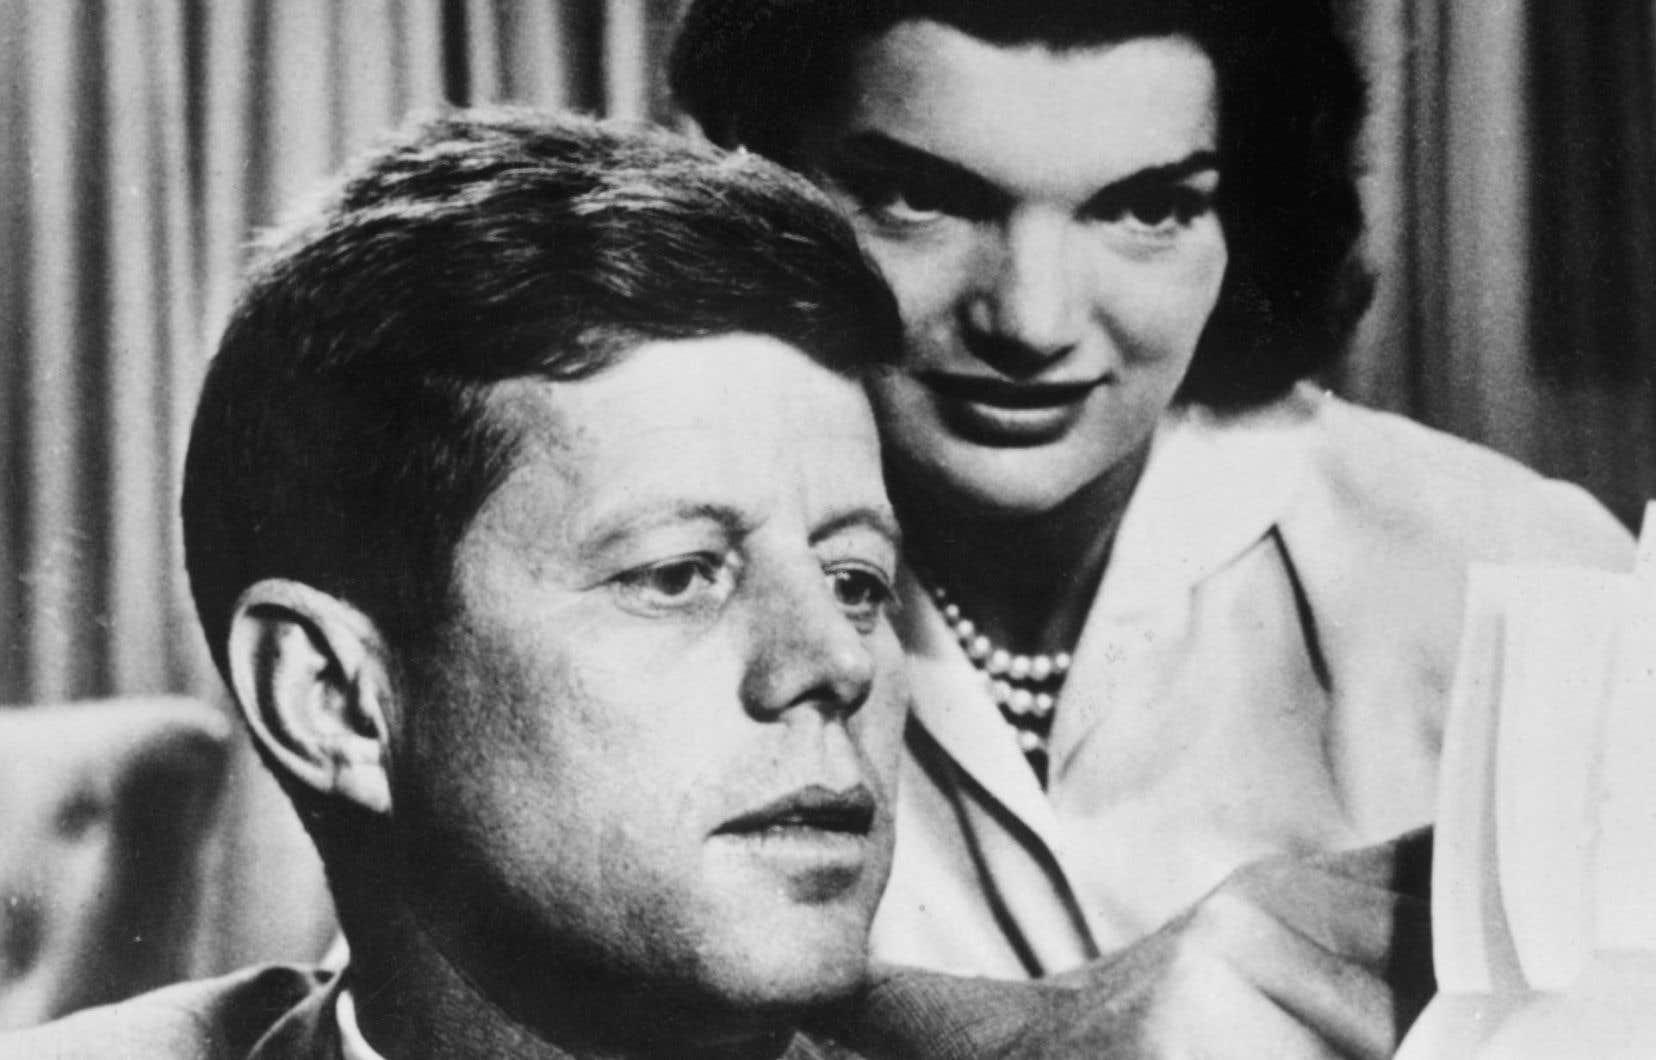 Le président américain John F. Kennedy et sa femme Jacqueline, lors des années 1950